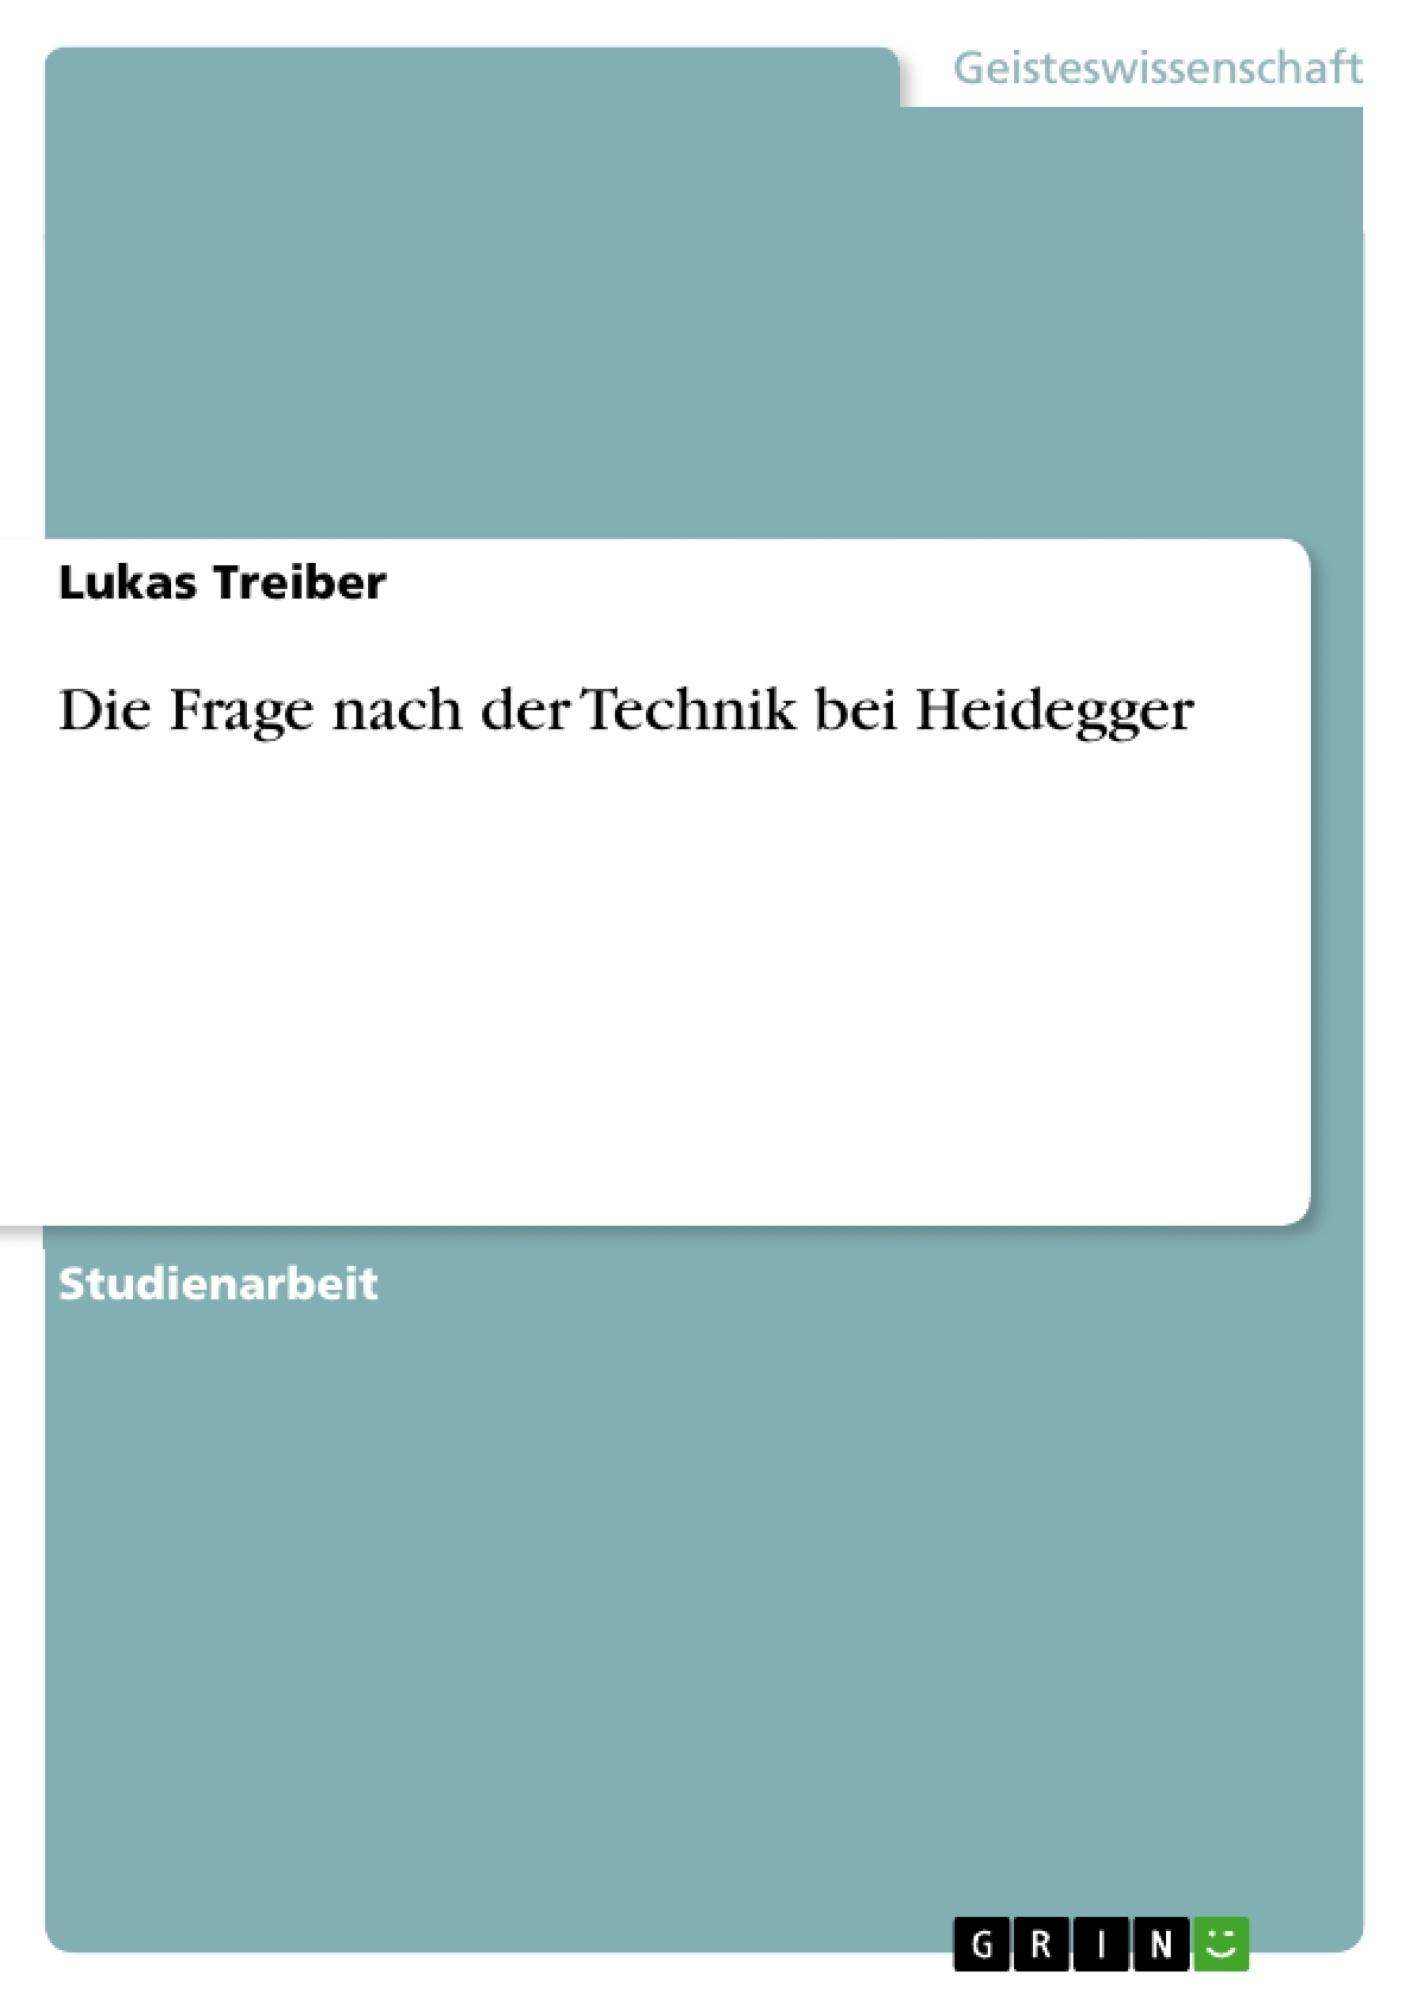 Titel: Die Frage nach der Technik bei Heidegger